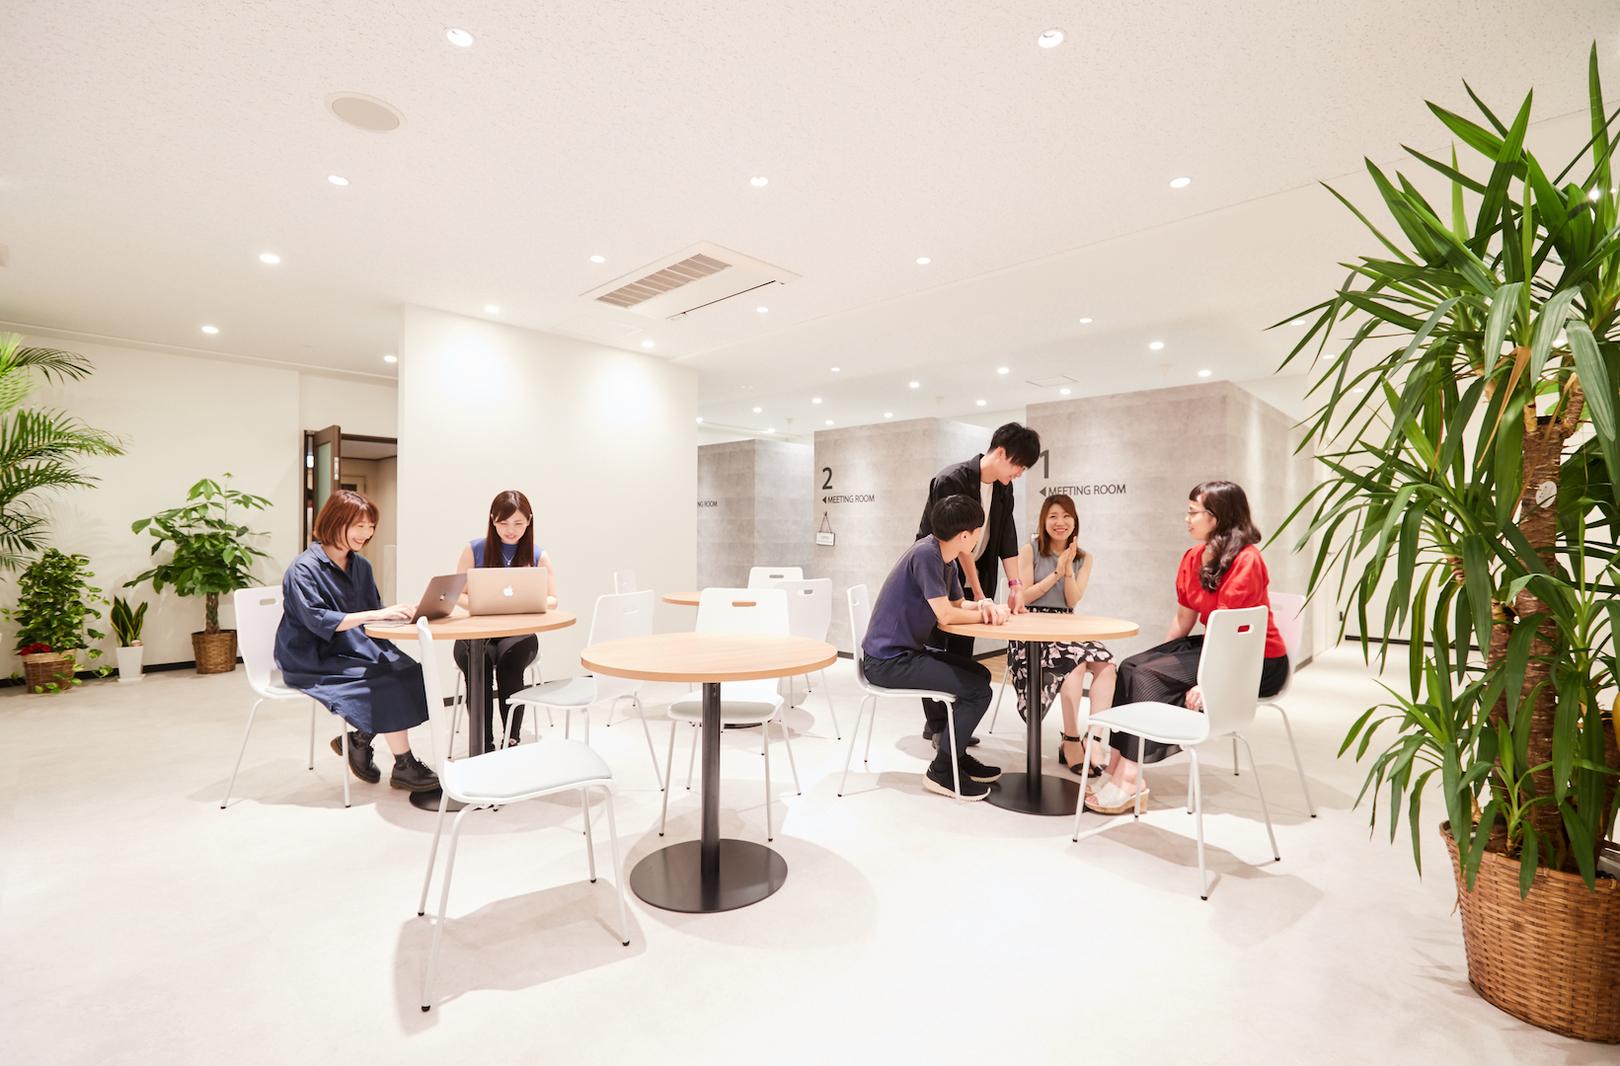 <大阪急成長企業>サービスの顧客満足度を向上させるフロントエンジニア募集